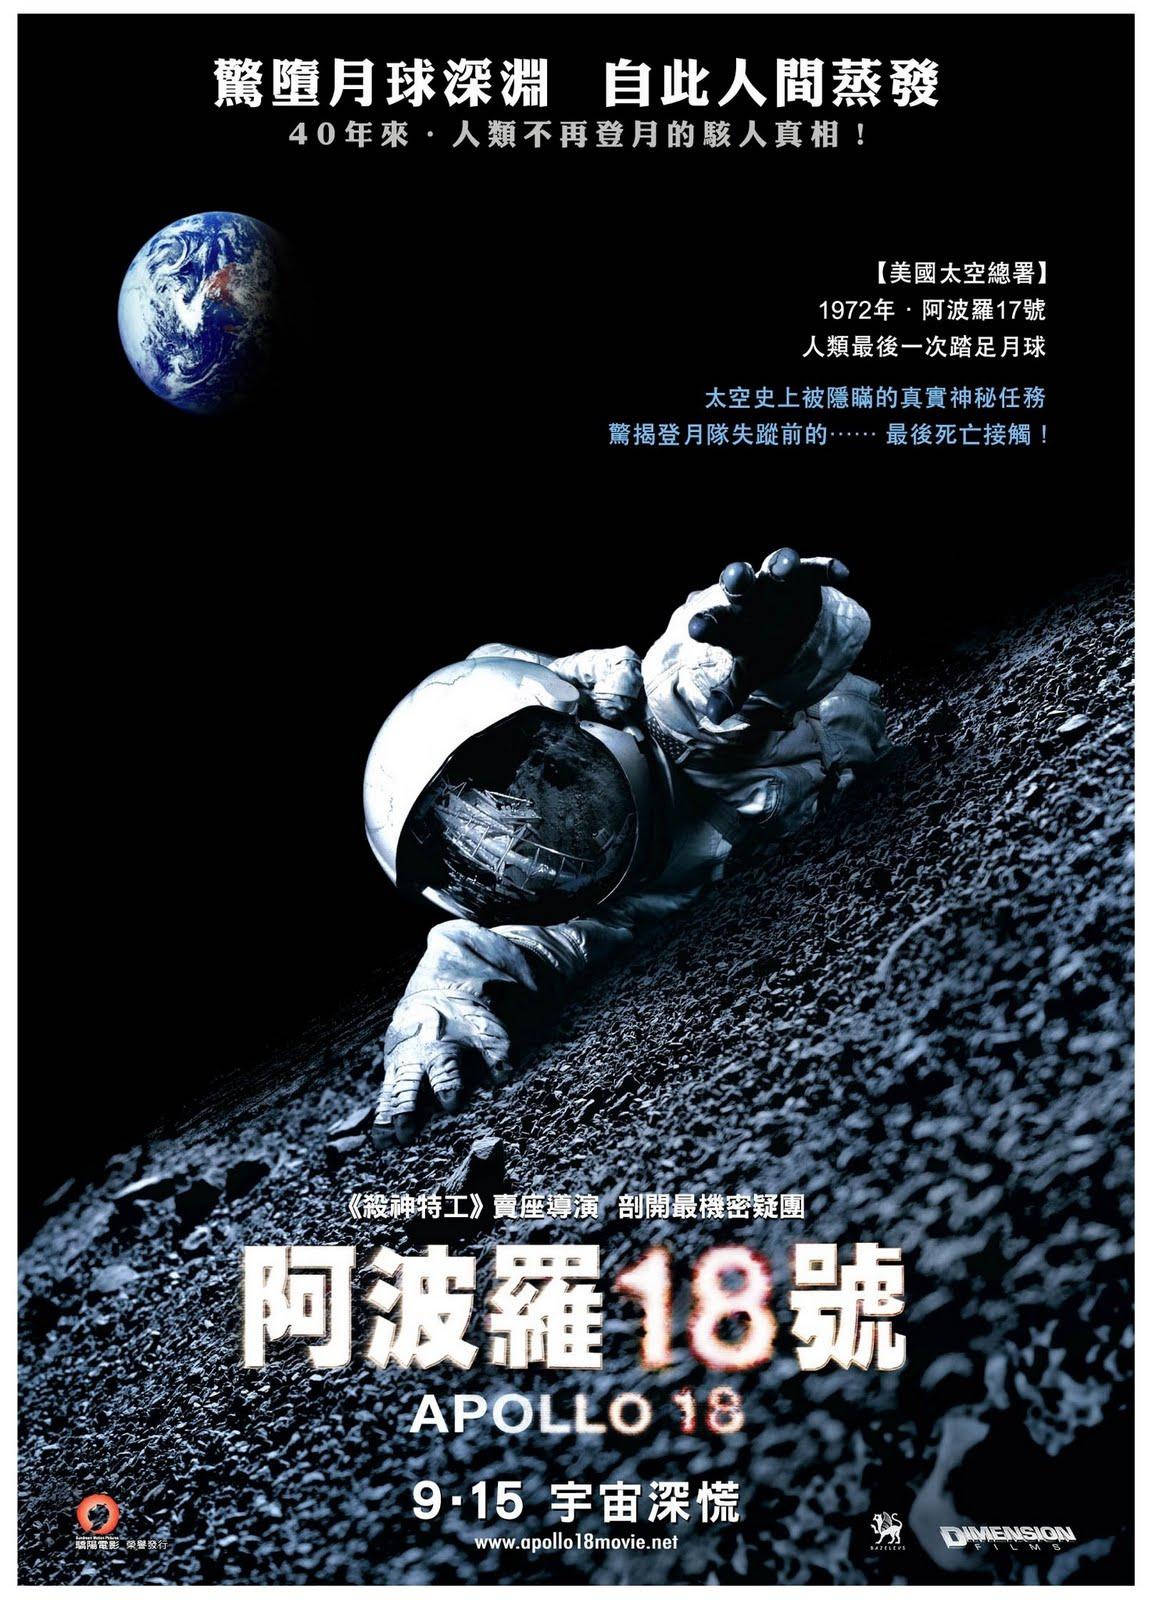 Apollo 18 Movie Release Date Apollo 18 Movie